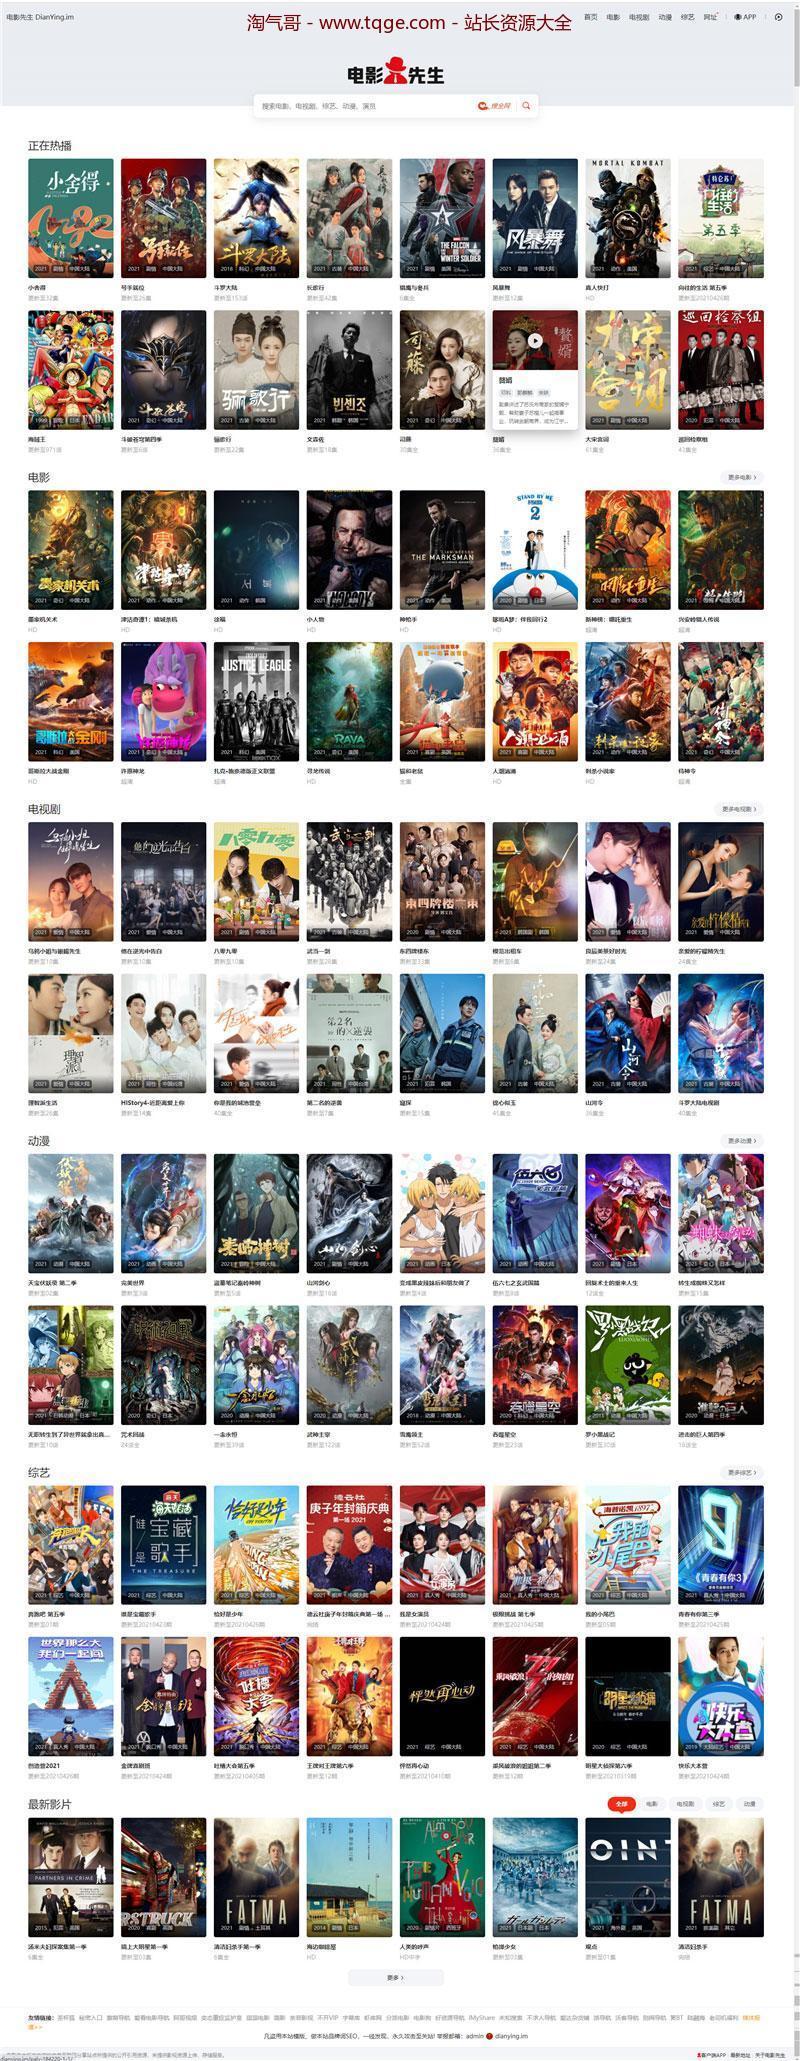 苹果cmsV10仿电影先生2.0精美大气在线影视电影网站模板 音乐   视频   电影 第1张